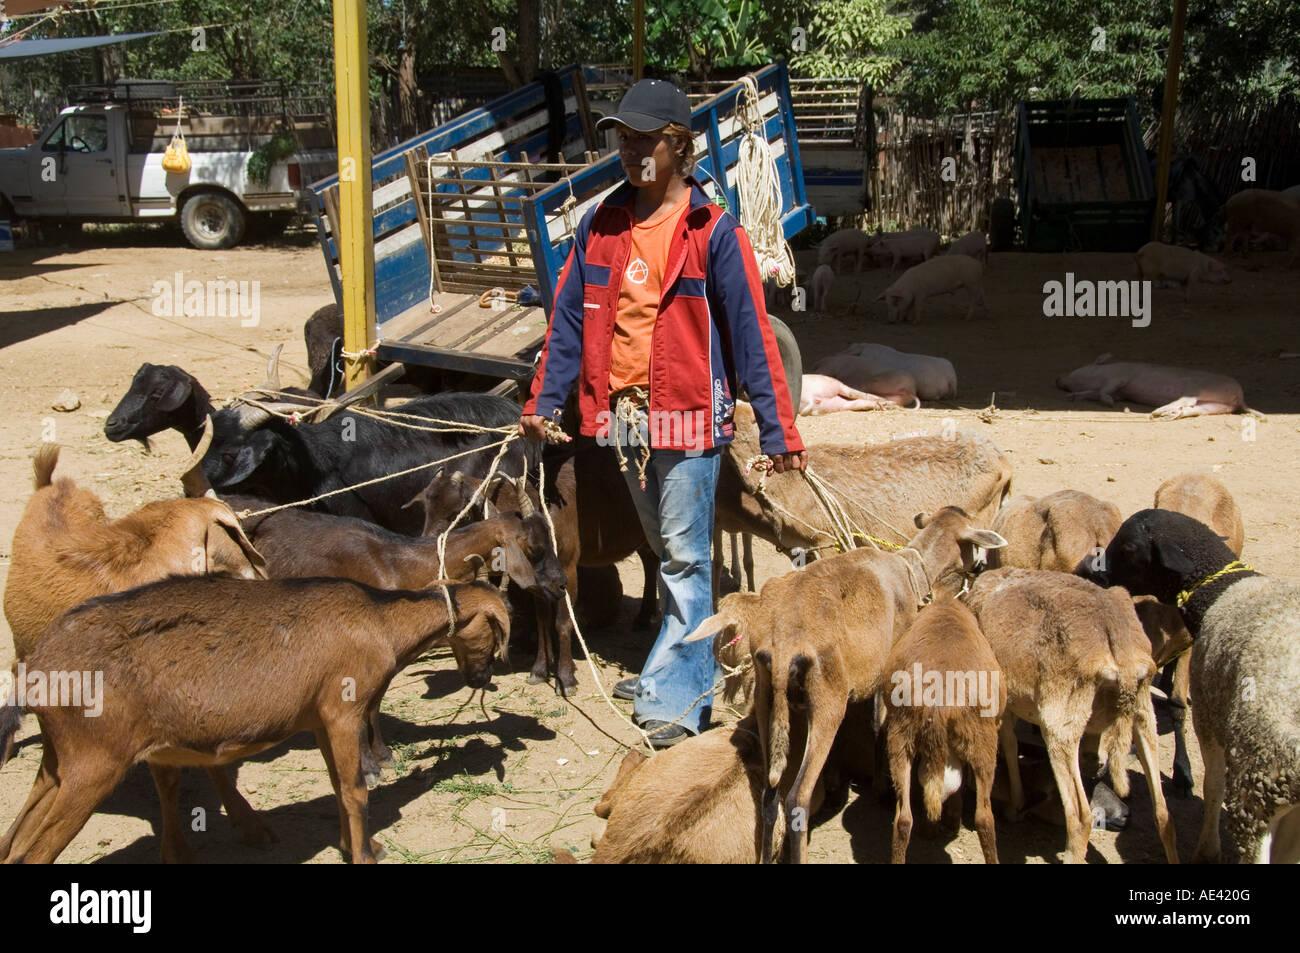 f34db7bdad Livestock market